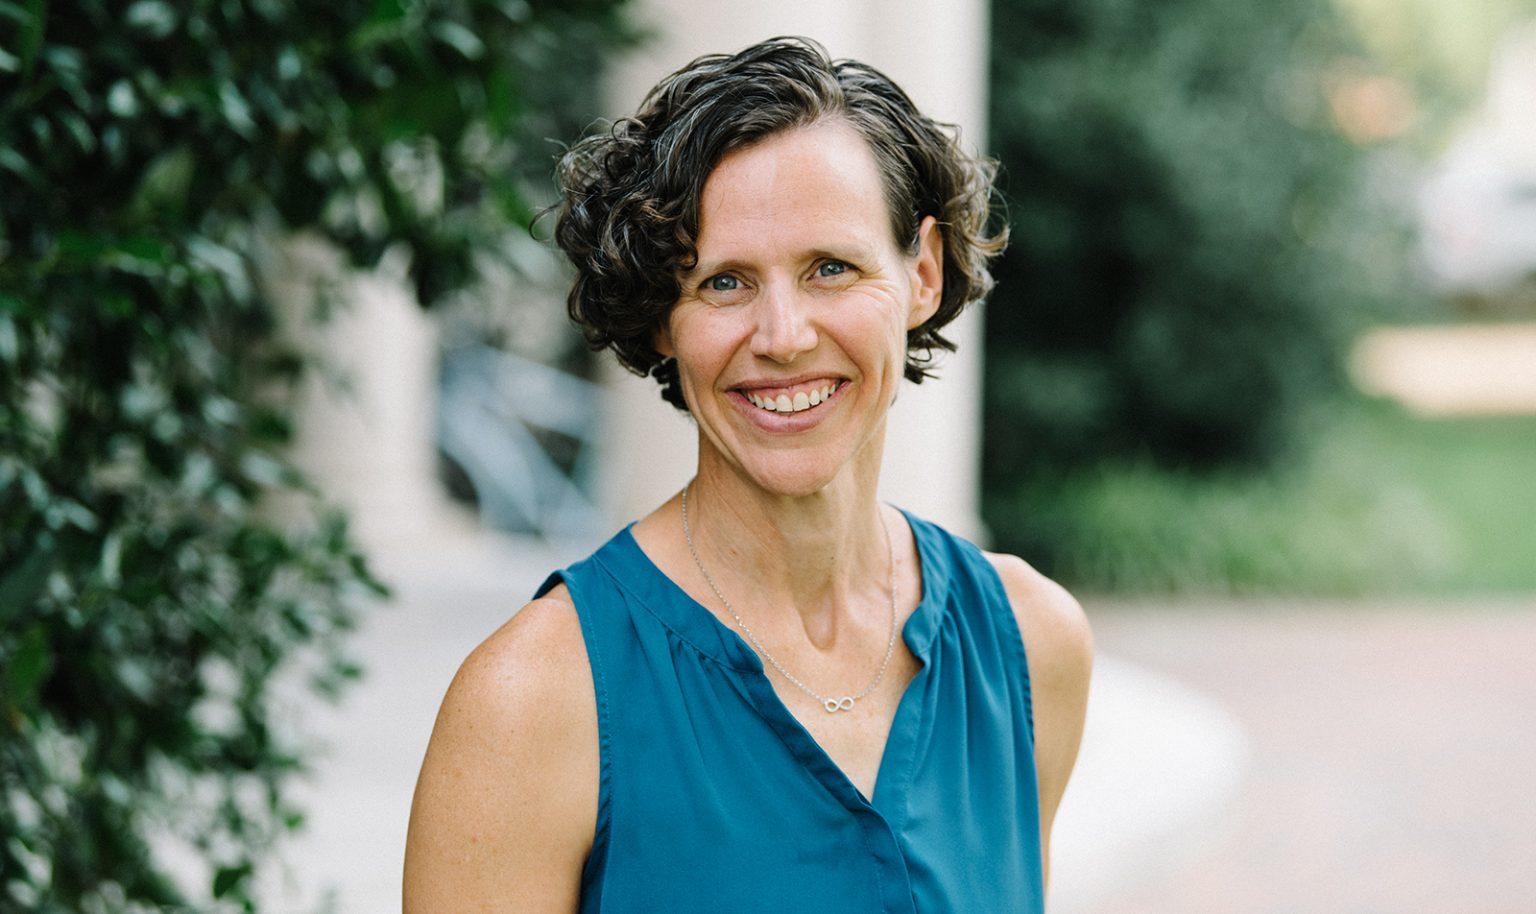 A photo of Kara Hume.